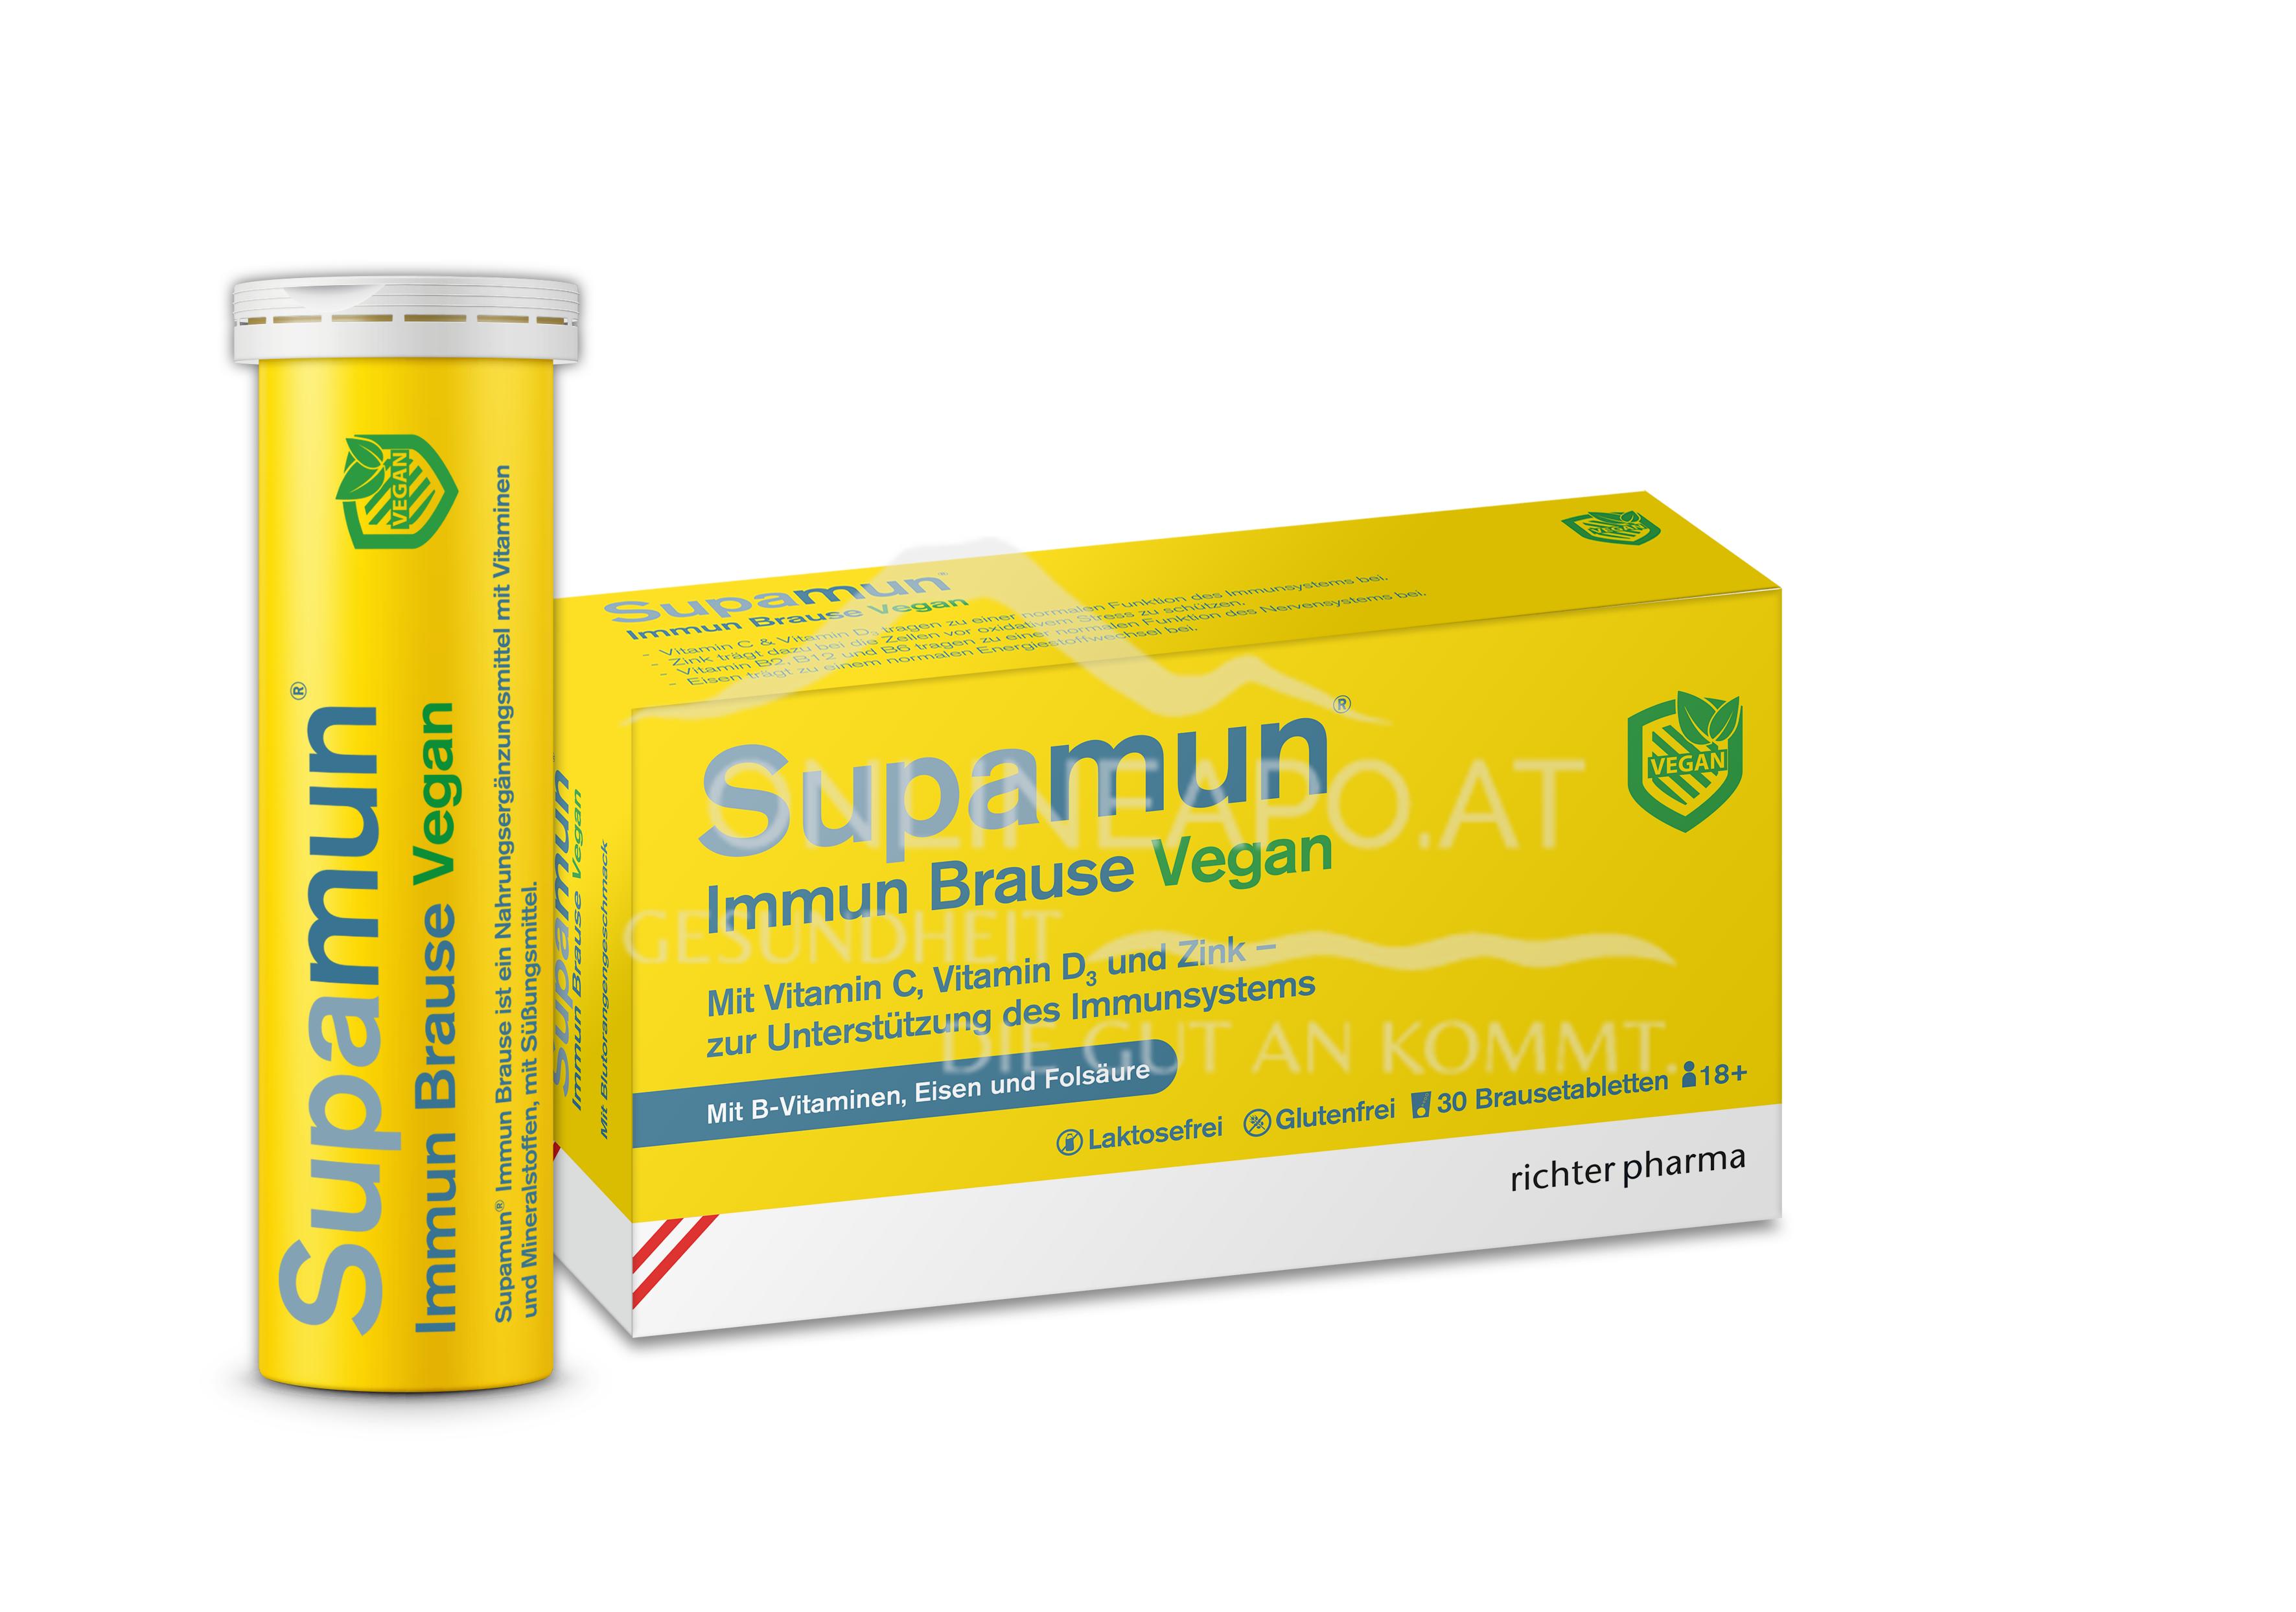 Supamun® Immun Brause Vegan